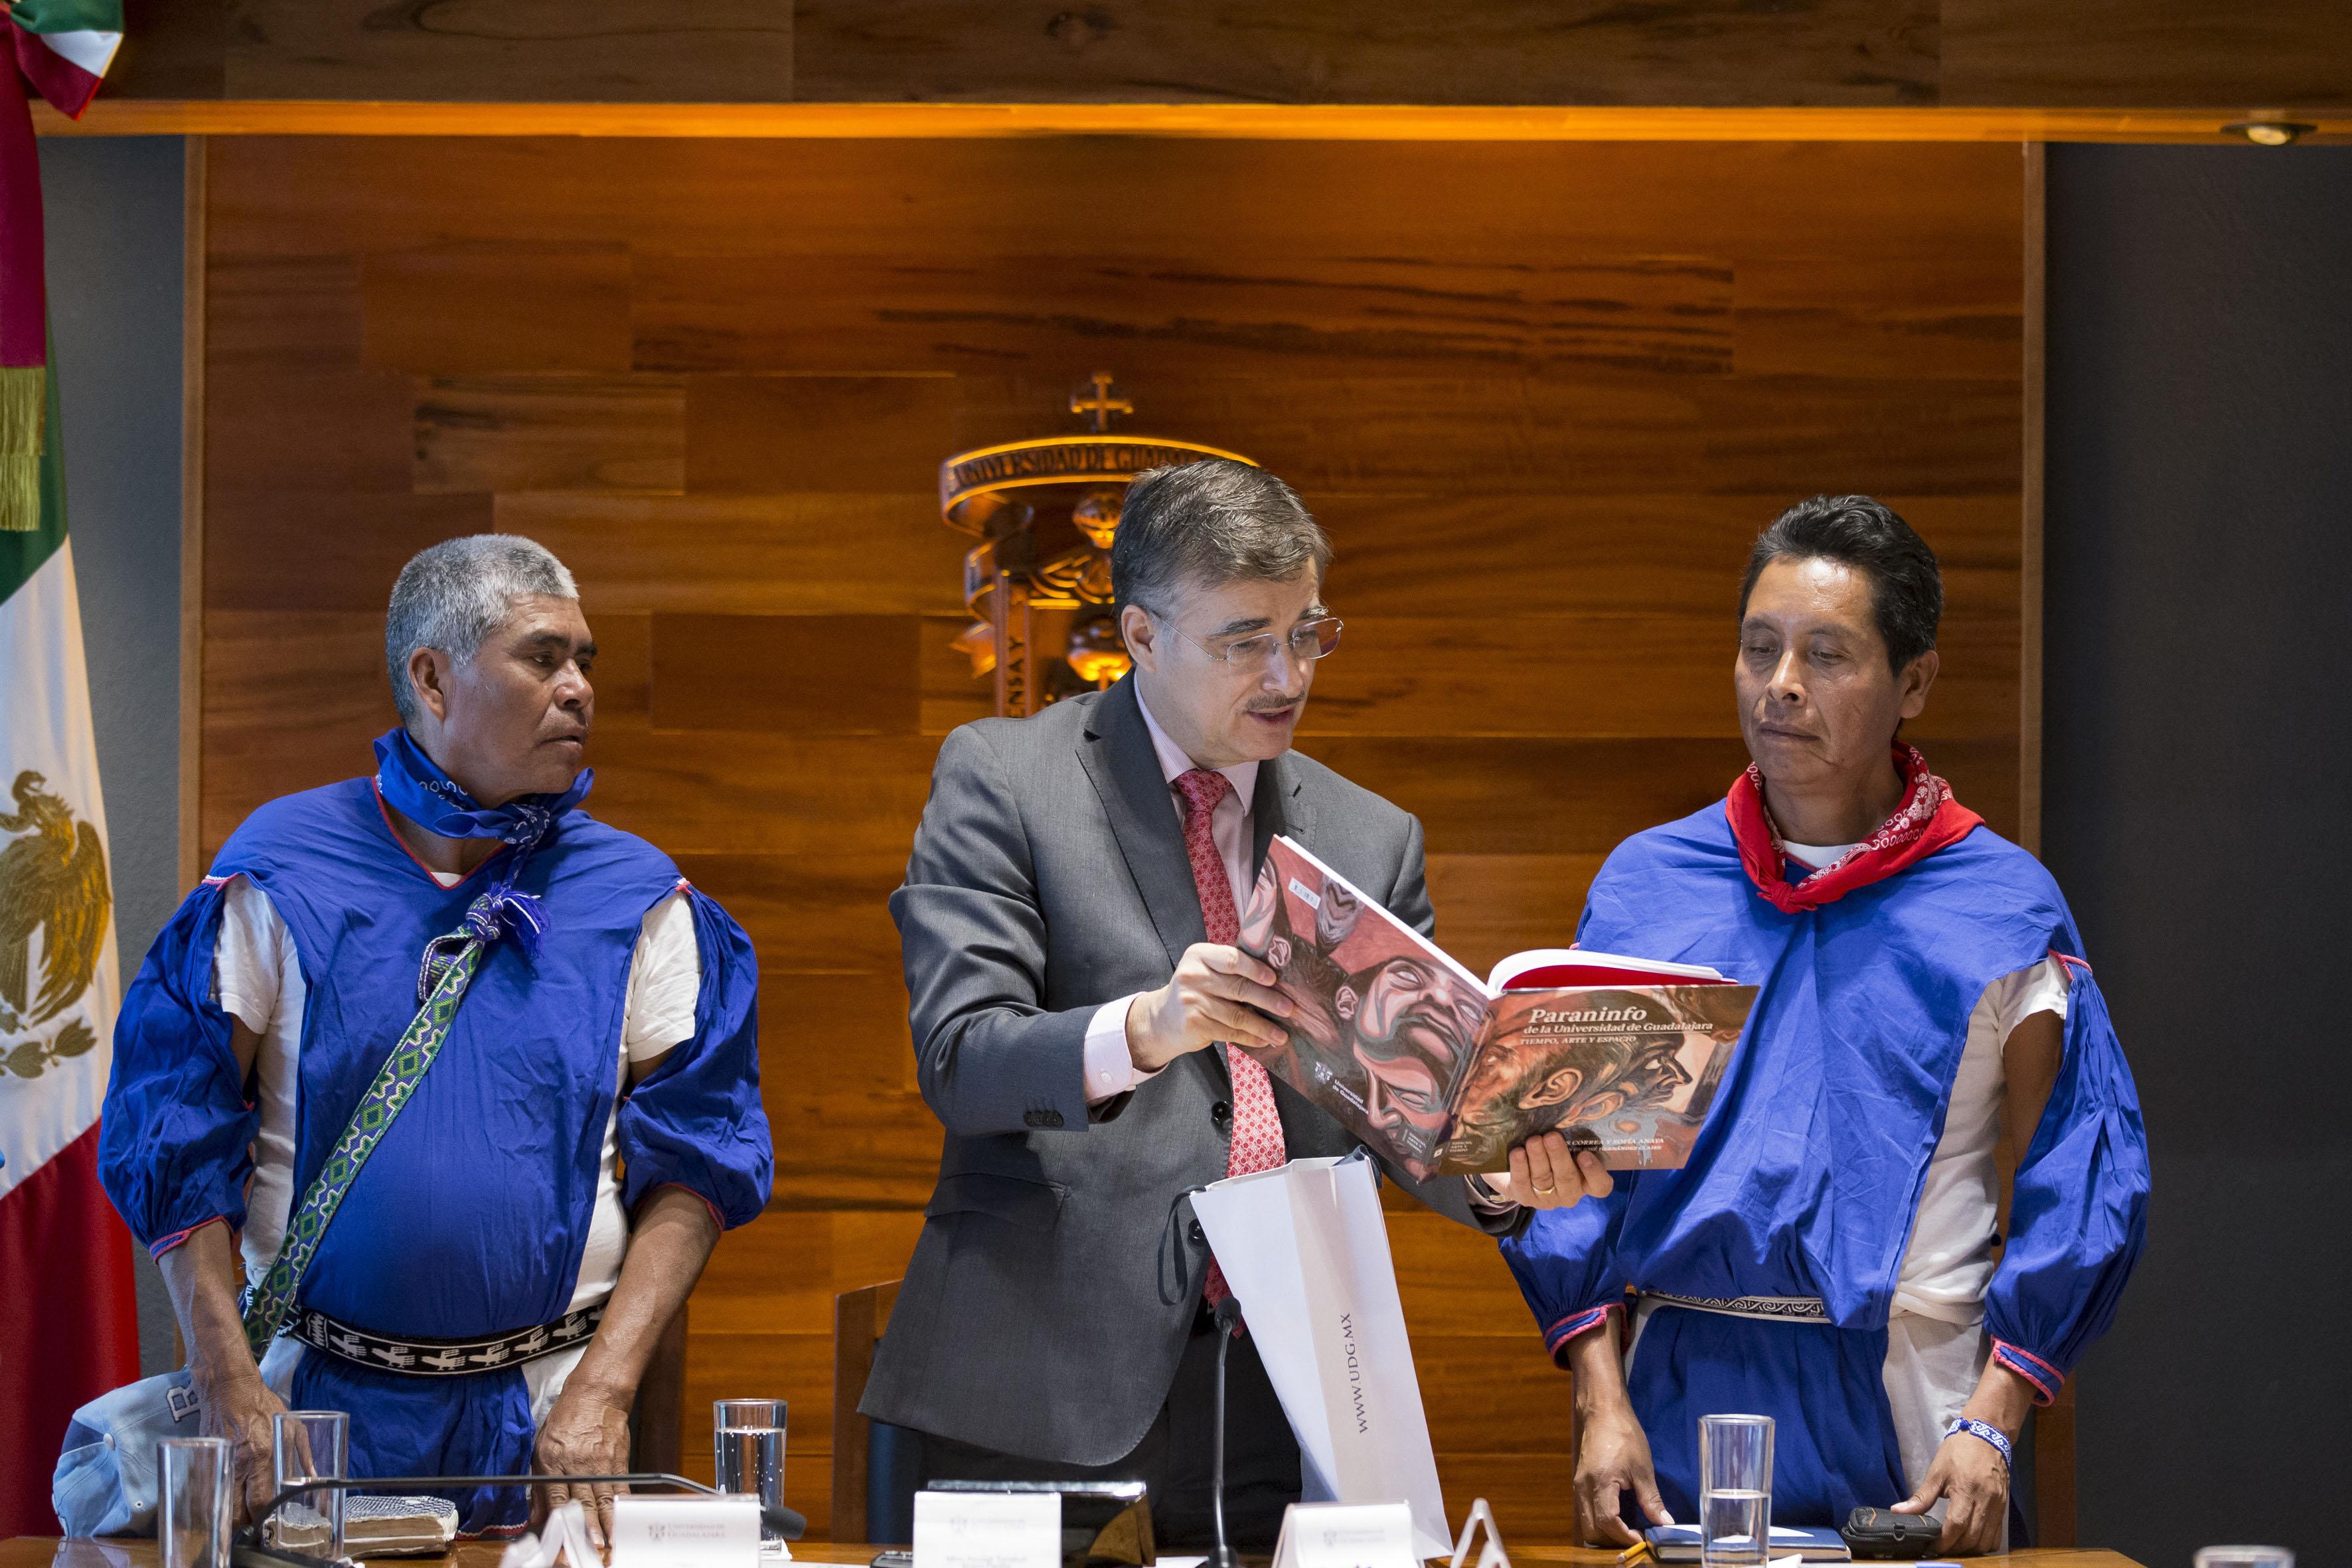 Rector General de la UdeG, maestro Itzcóatl Tonatiuh Bravo Padilla, regalando el libro del Paraninfo de la Universidad de Guadalajara a miembros de la comunidad Santa Catarina Cuexcomatitlán, del Municipio de Mezquitic, Jalisco, en firma de convenio